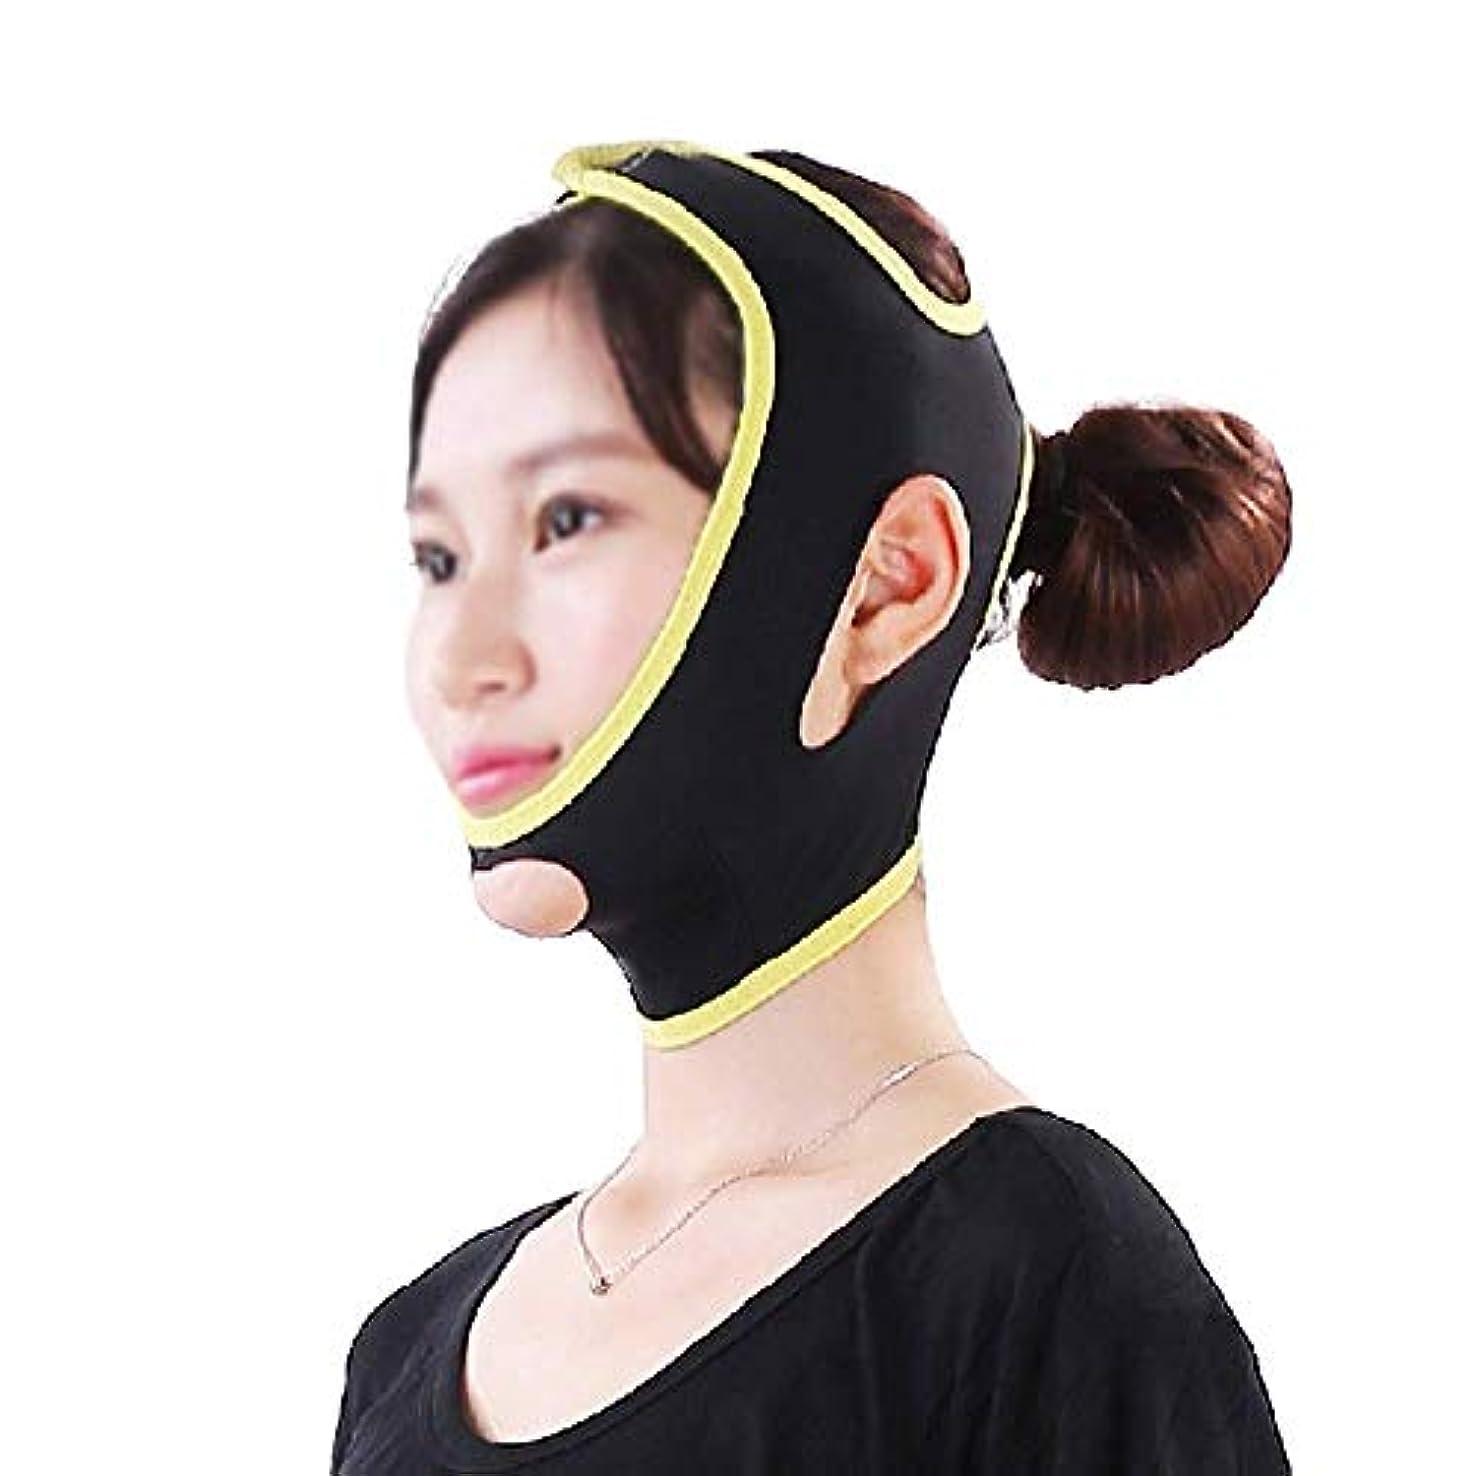 ラジウムこする心配フェイスアンドネックリフト、Vフェイスマスクは顔の輪郭を強化して、顎の超弾性包帯を引き締める咬筋を緩和します(サイズ:M)